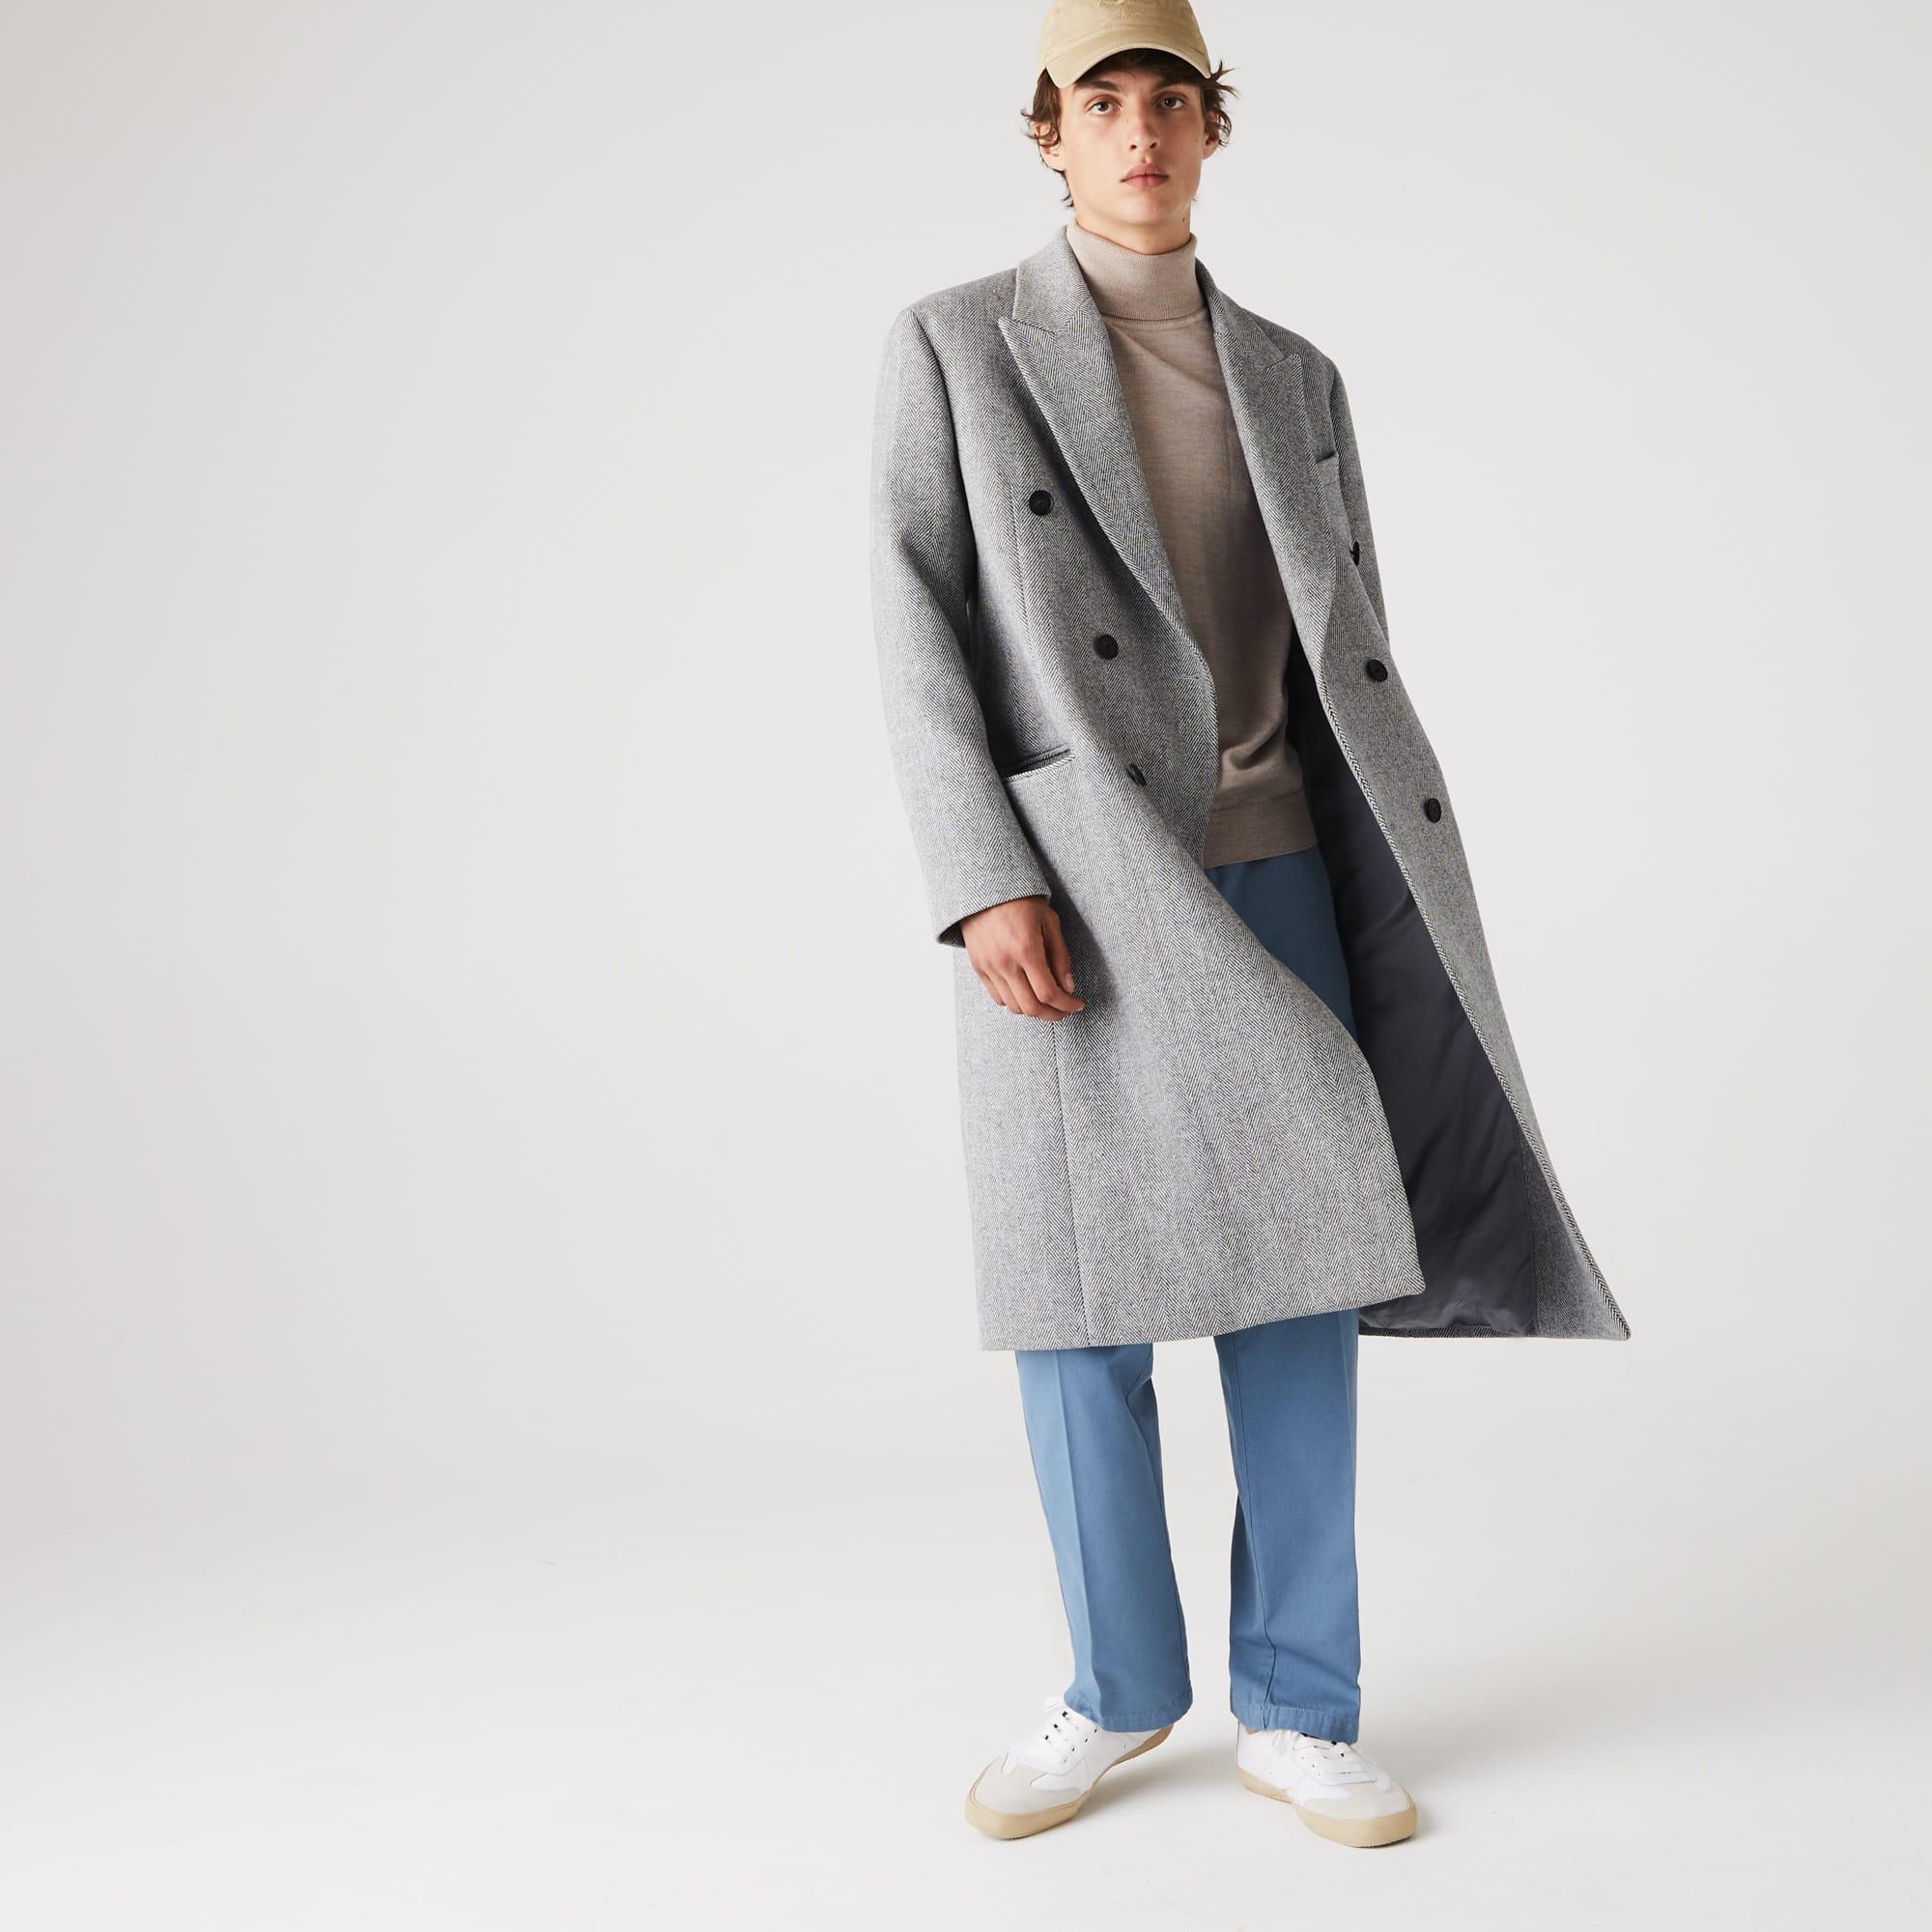 라코스테 울 헤링본 롱 더블 코트Lacoste Mens Long Double-Breasted Herringbone Wool Coat